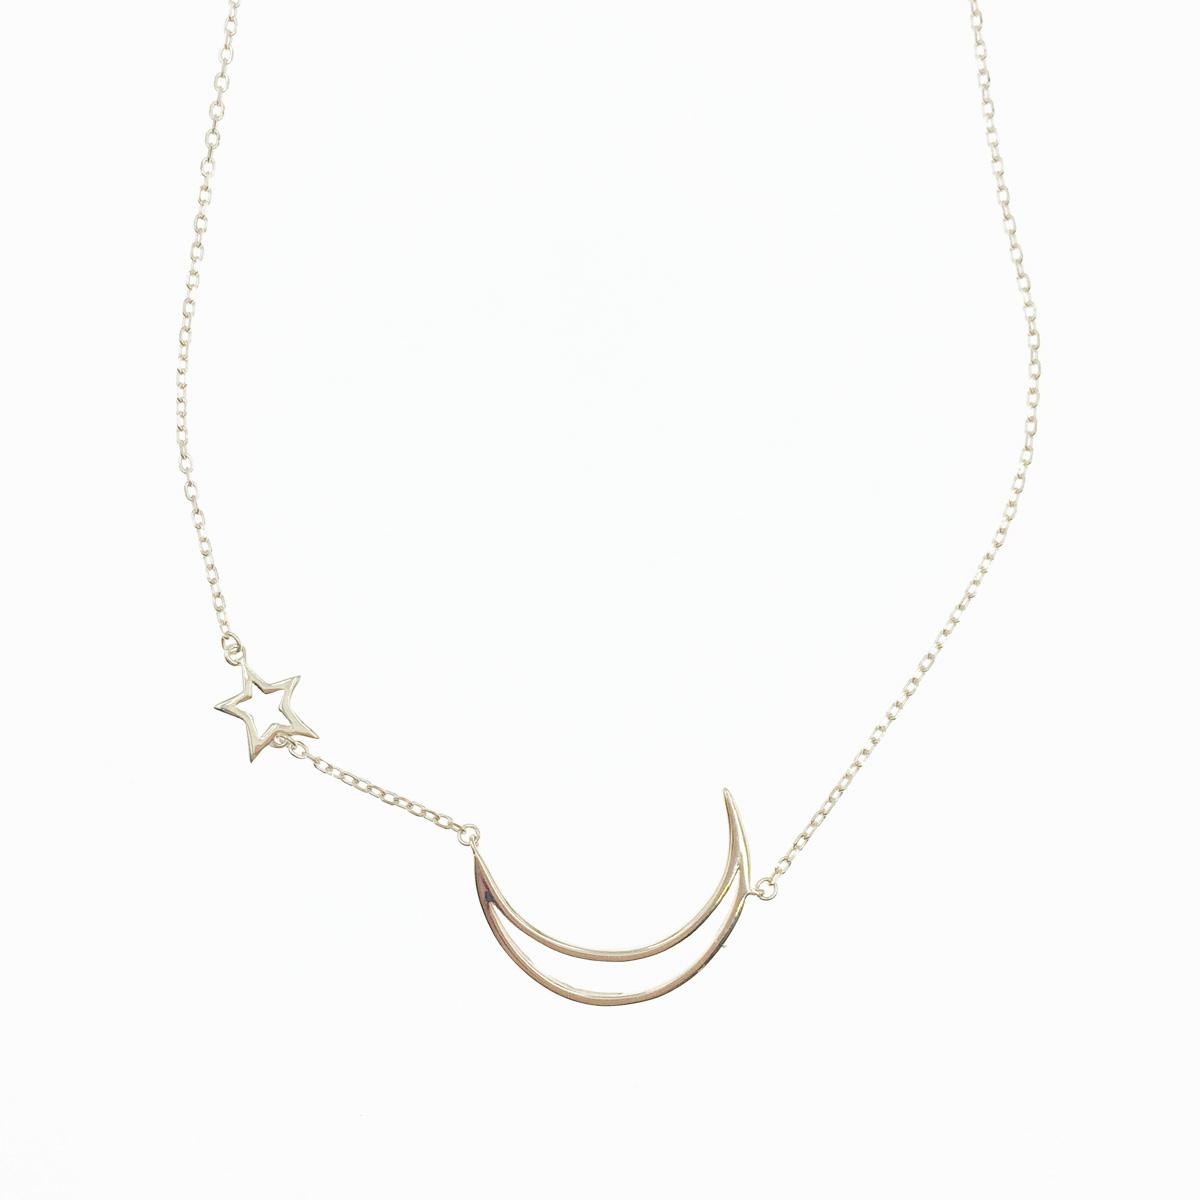 韓國 925純銀 簍空 月亮 星星 玫瑰金 質感 項鍊